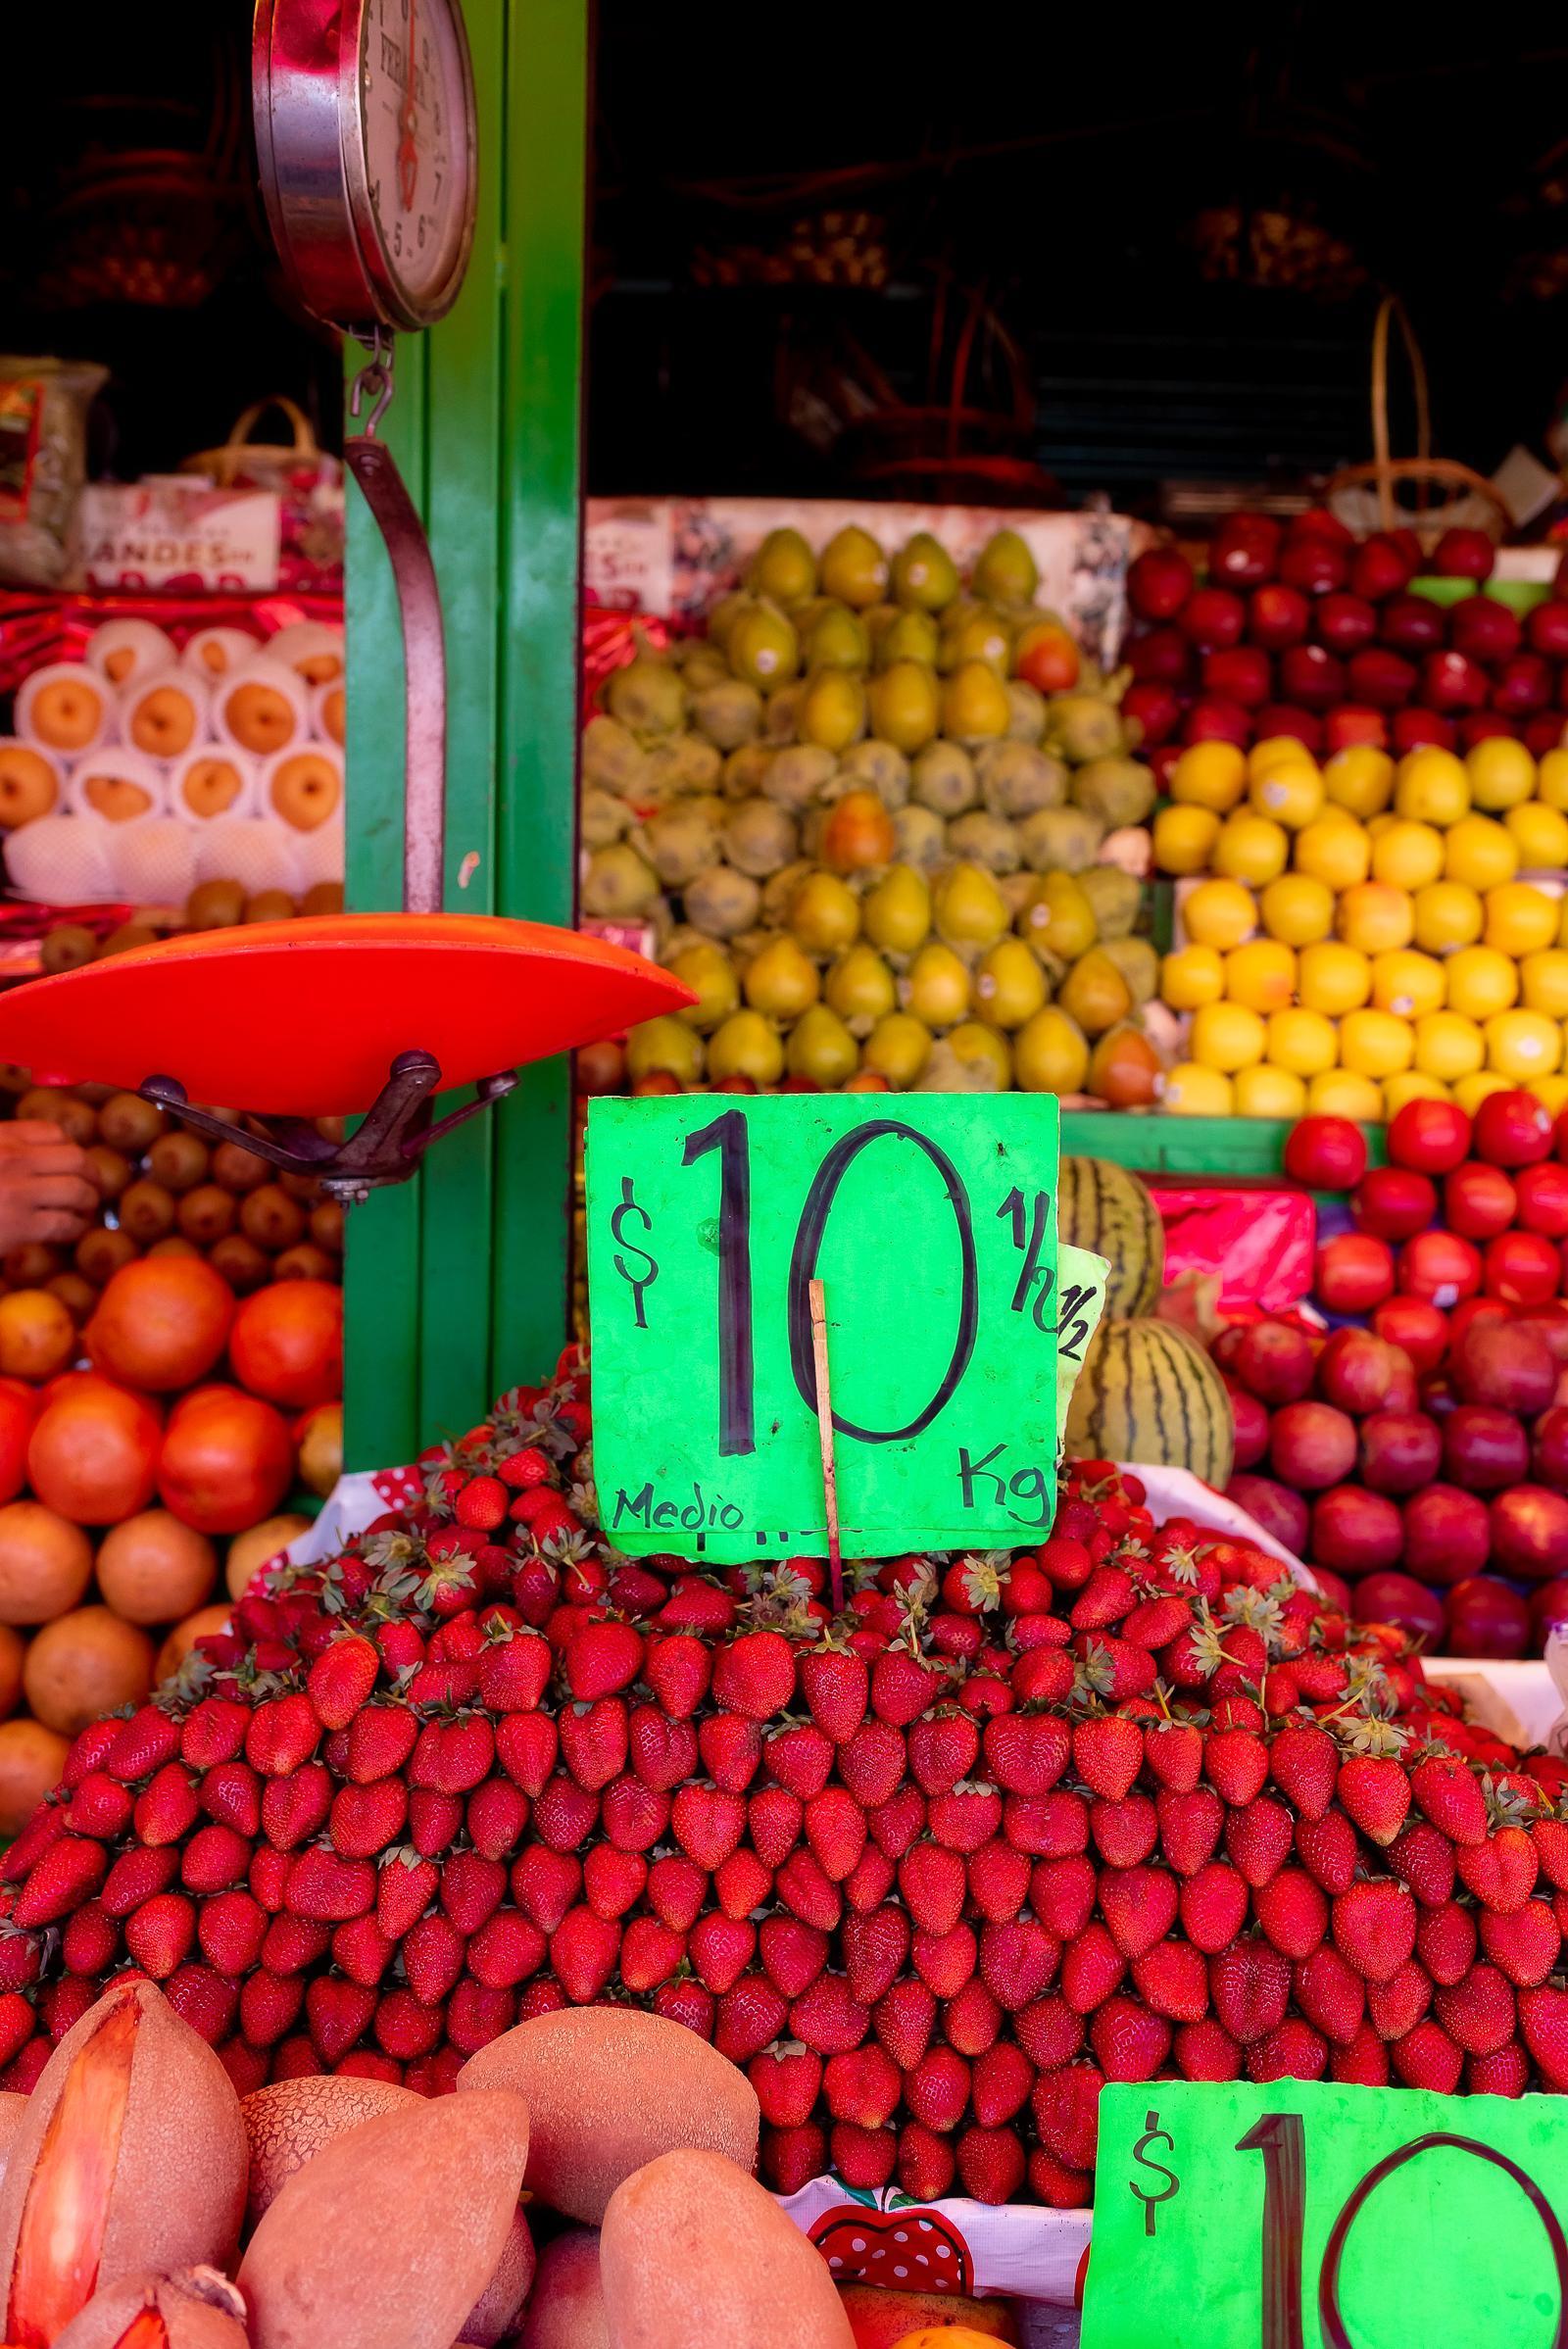 Revolución Market Morelia Mexico